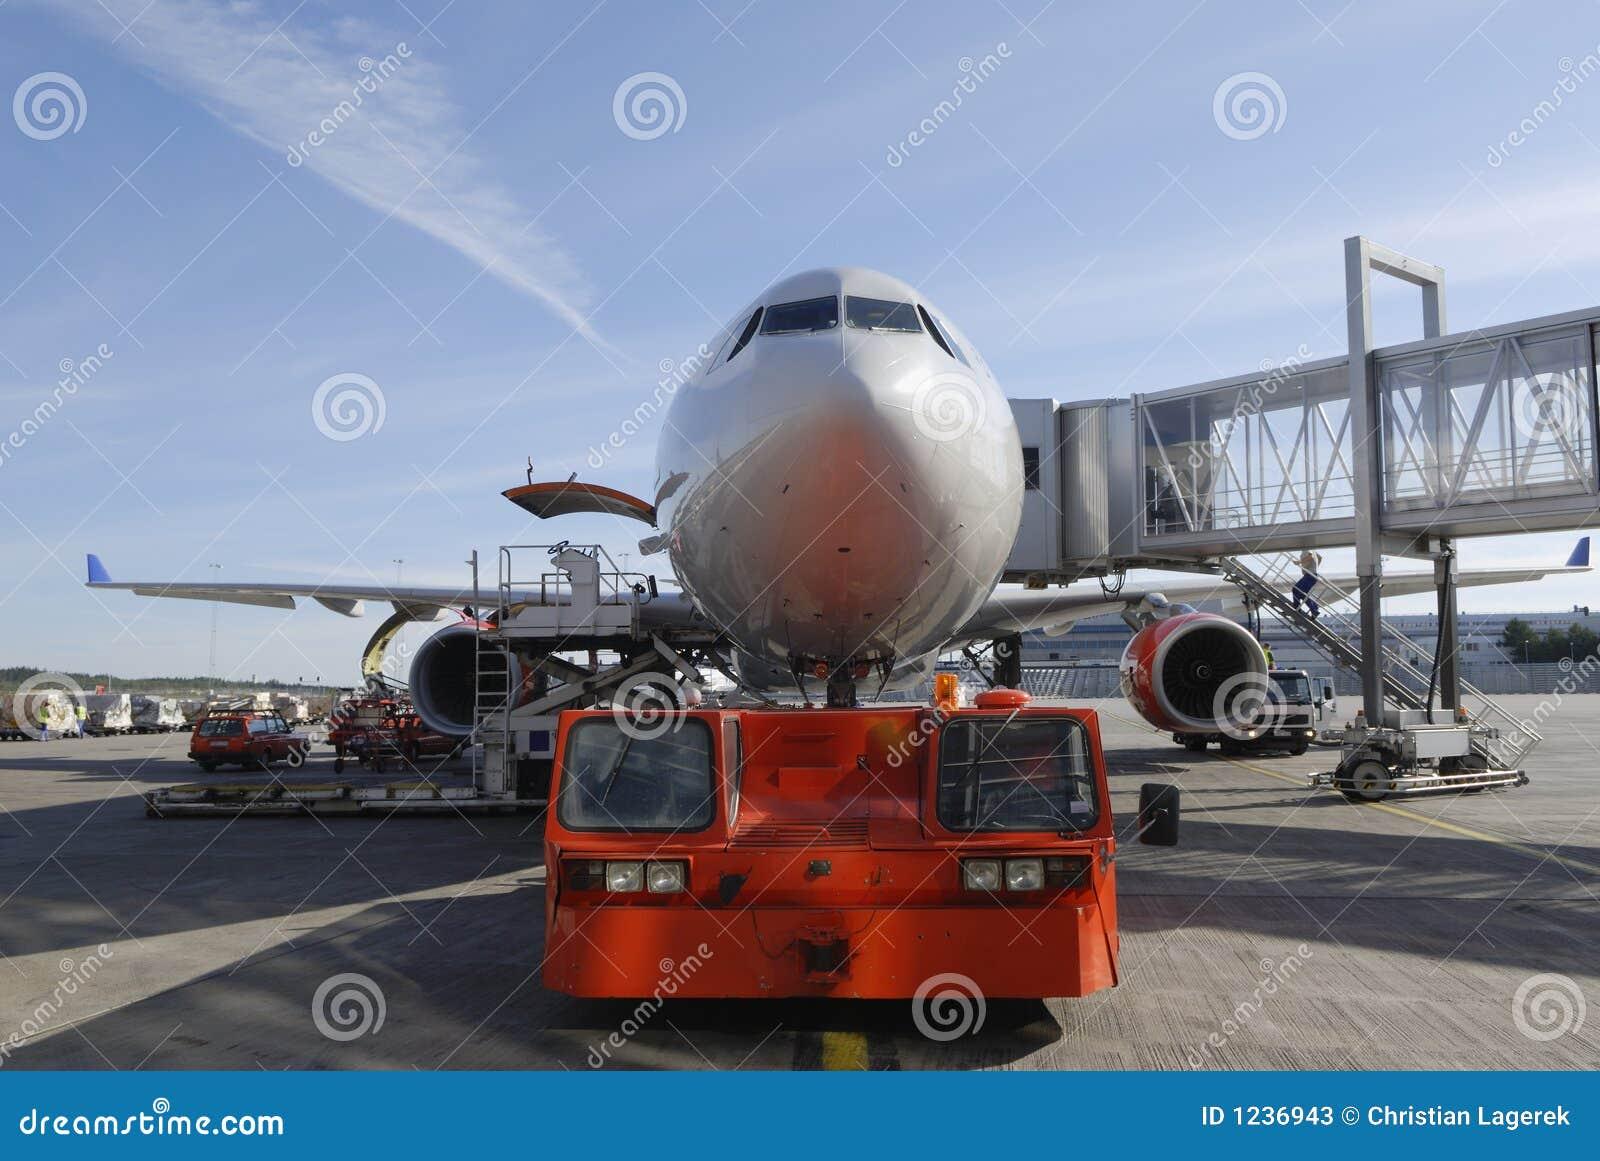 Remorquage d avion